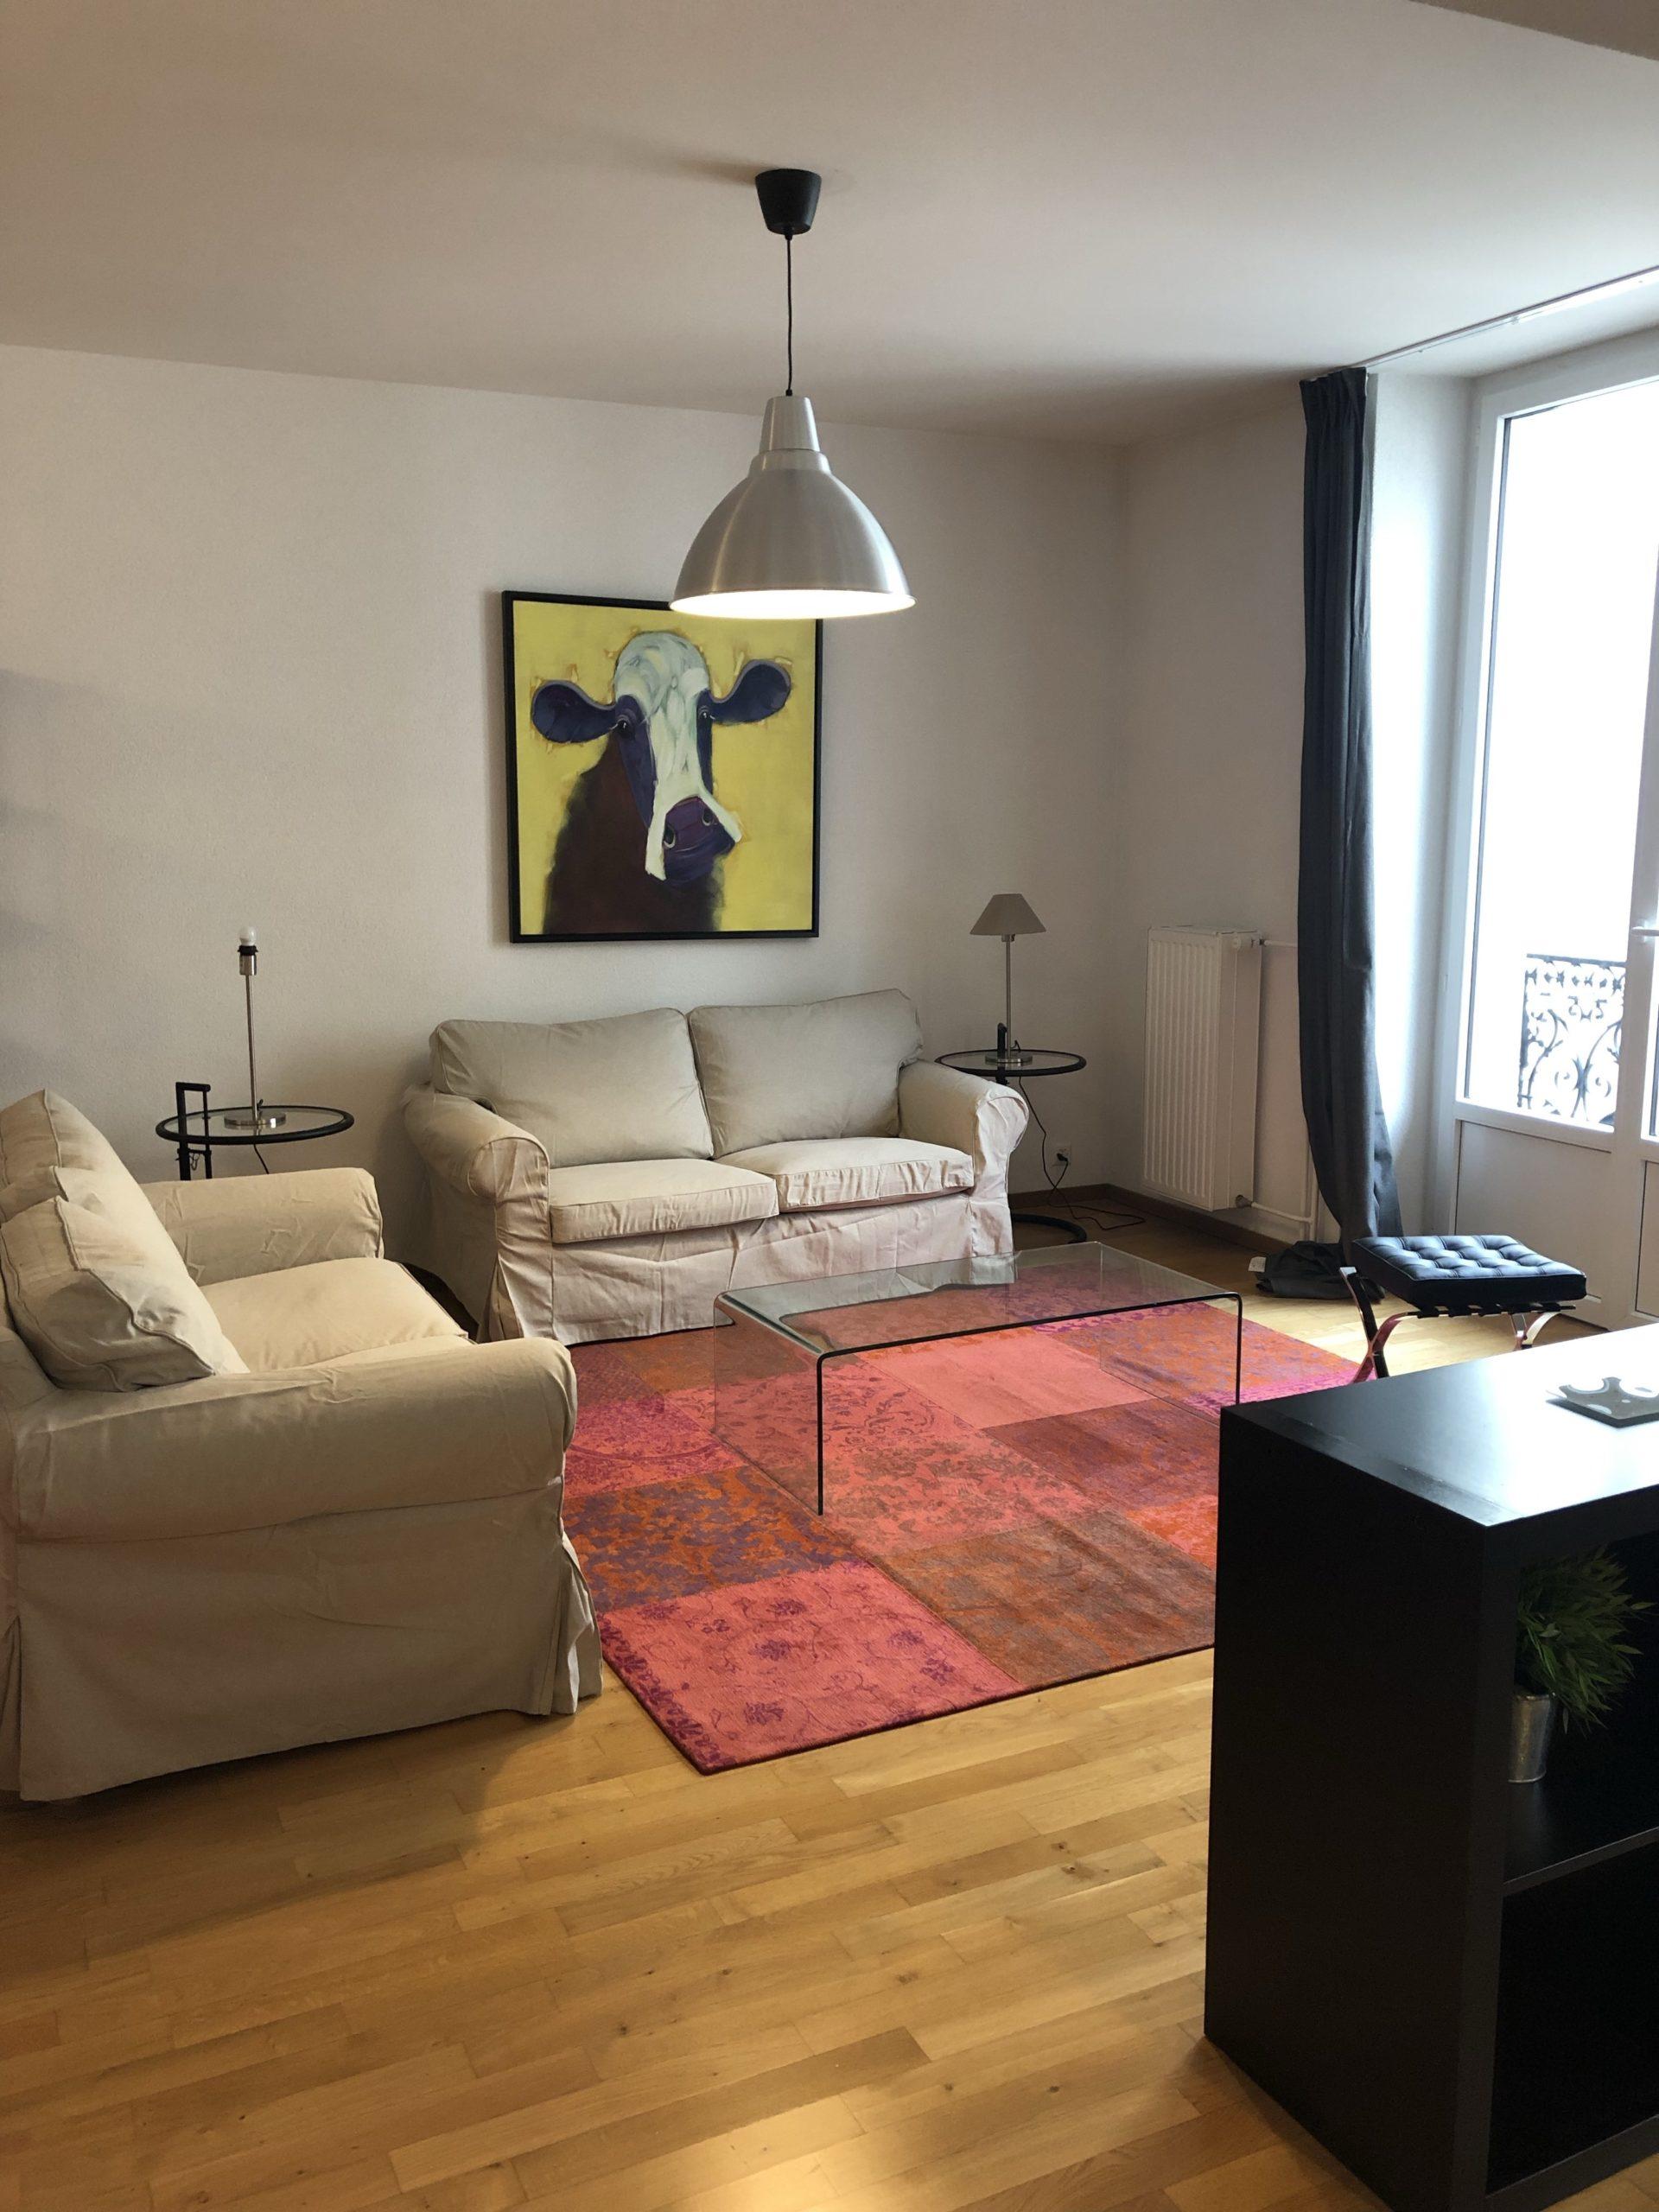 Ch. du Closelet 4, Lausanne - 3,5 pièces - Lot 31 30